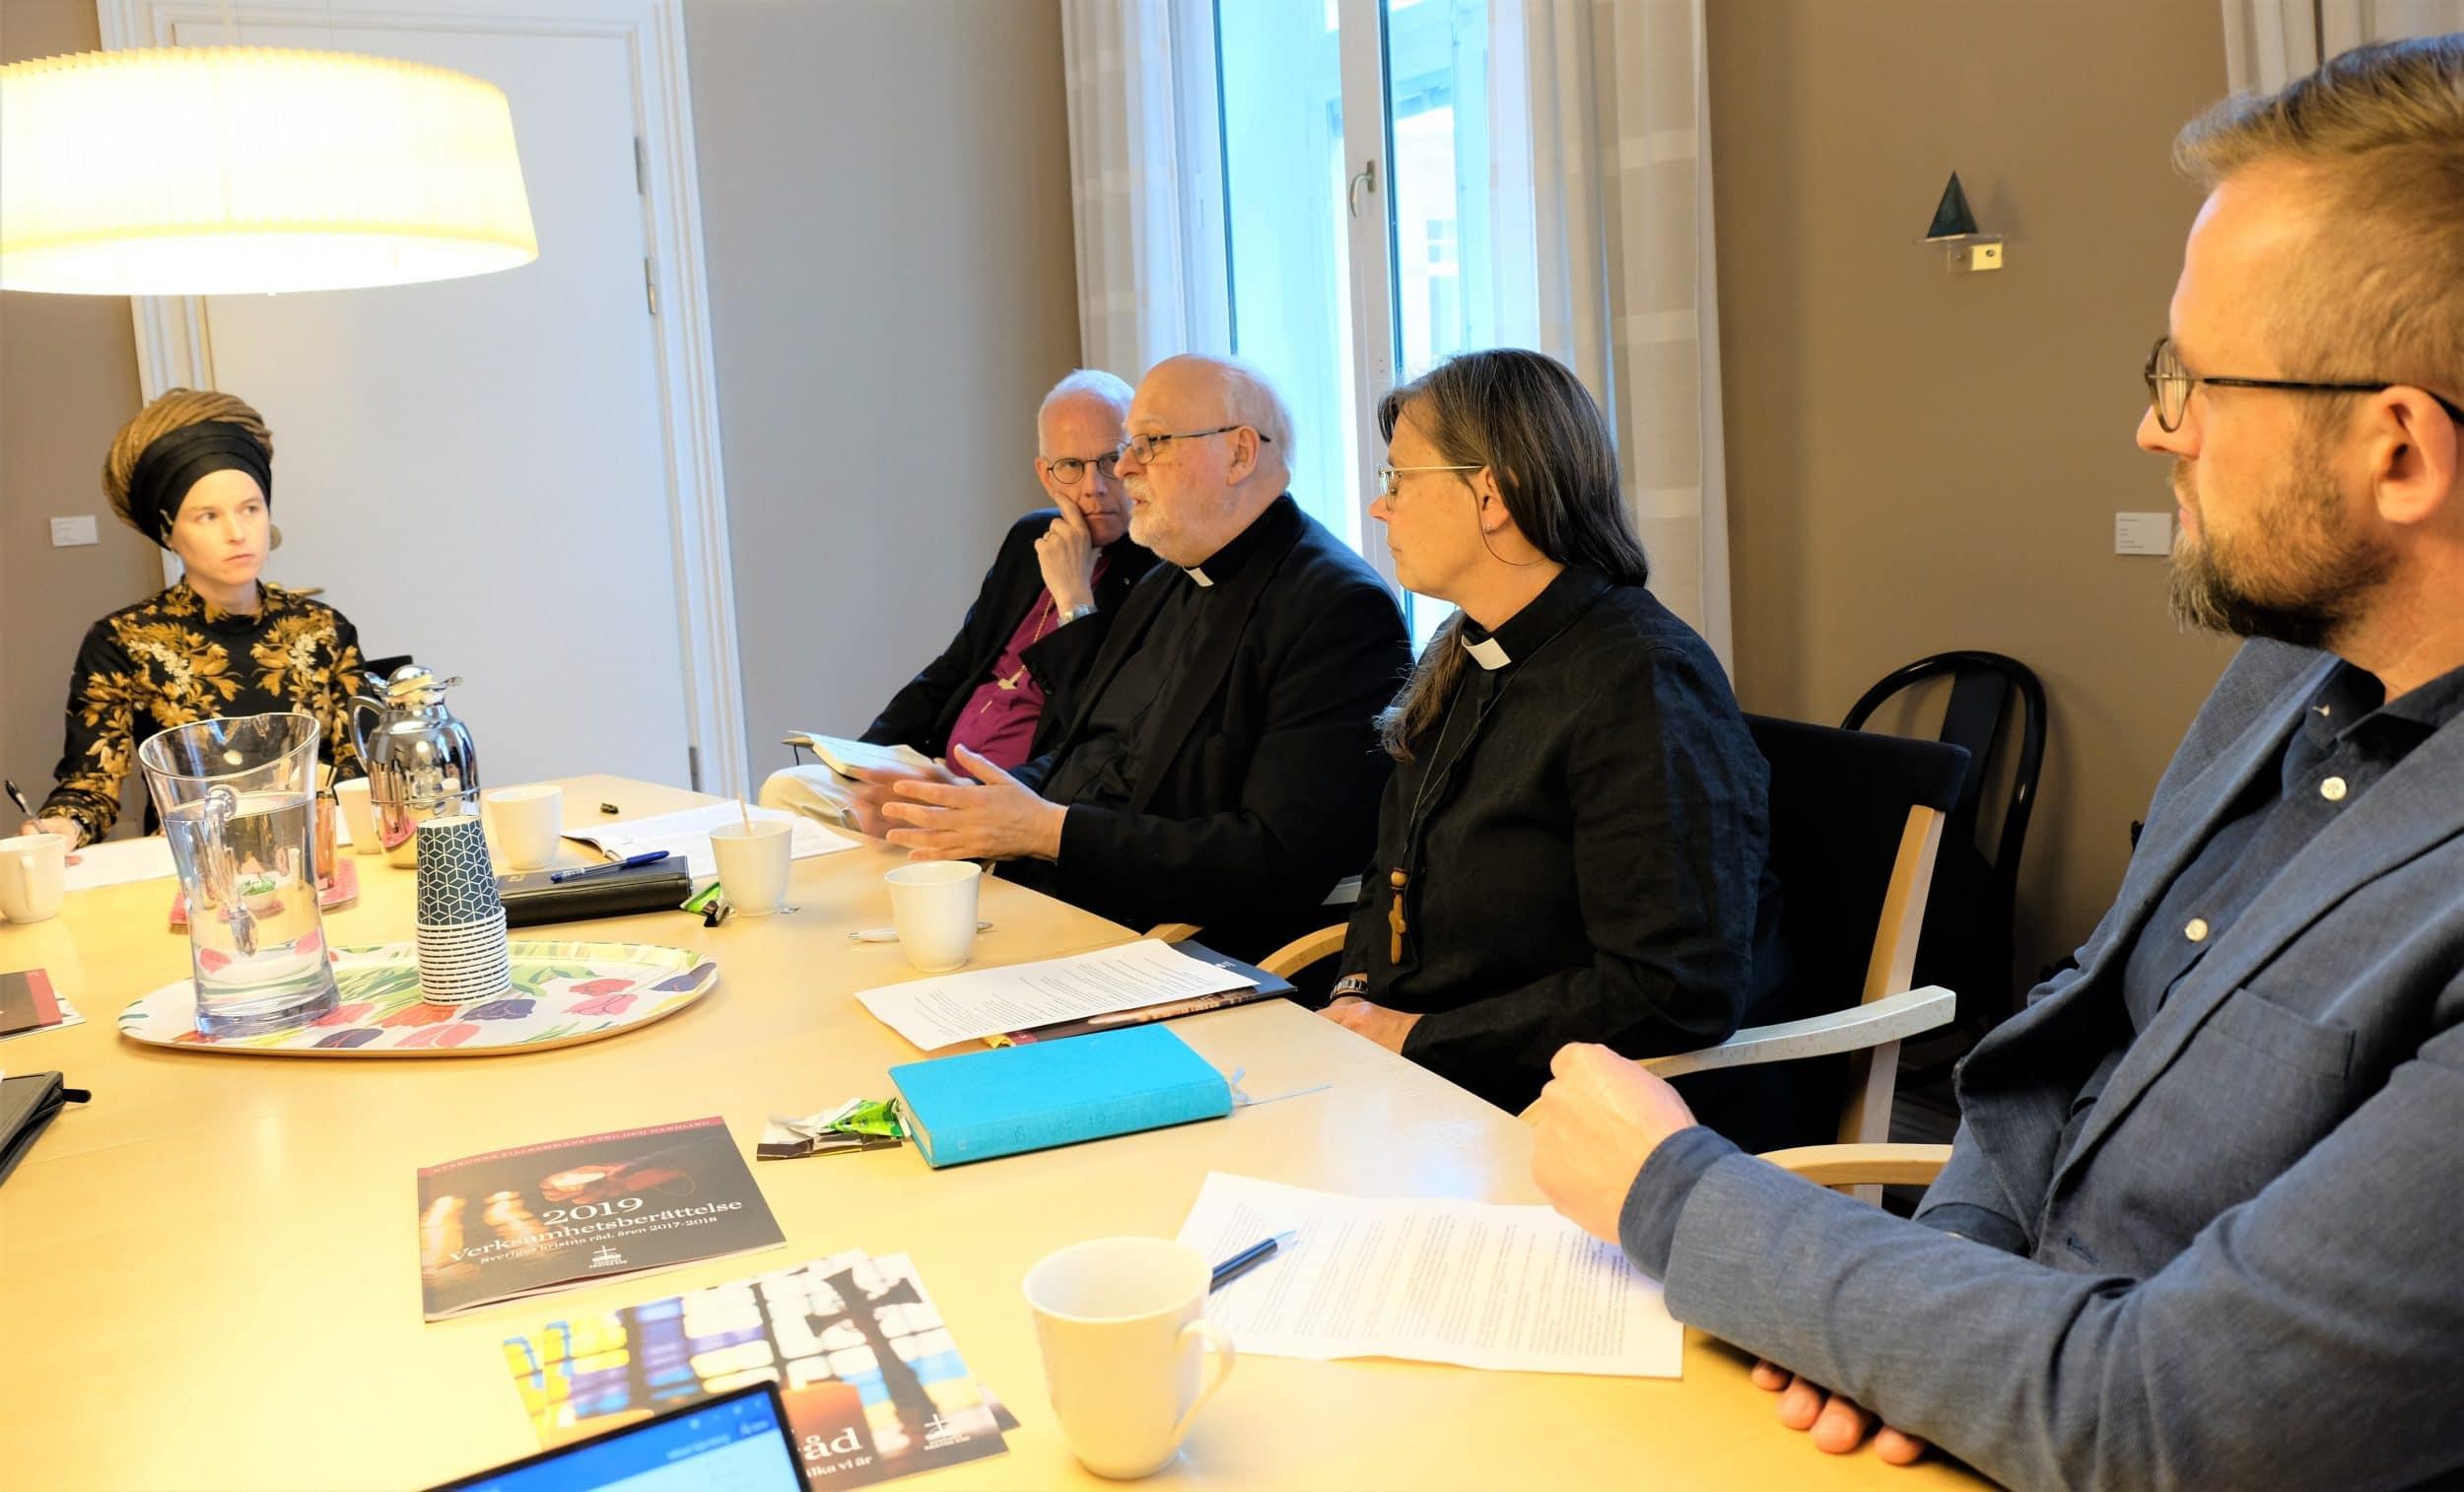 Kyrkoledare mötte kultur- och demokratiminister Amanda Lind